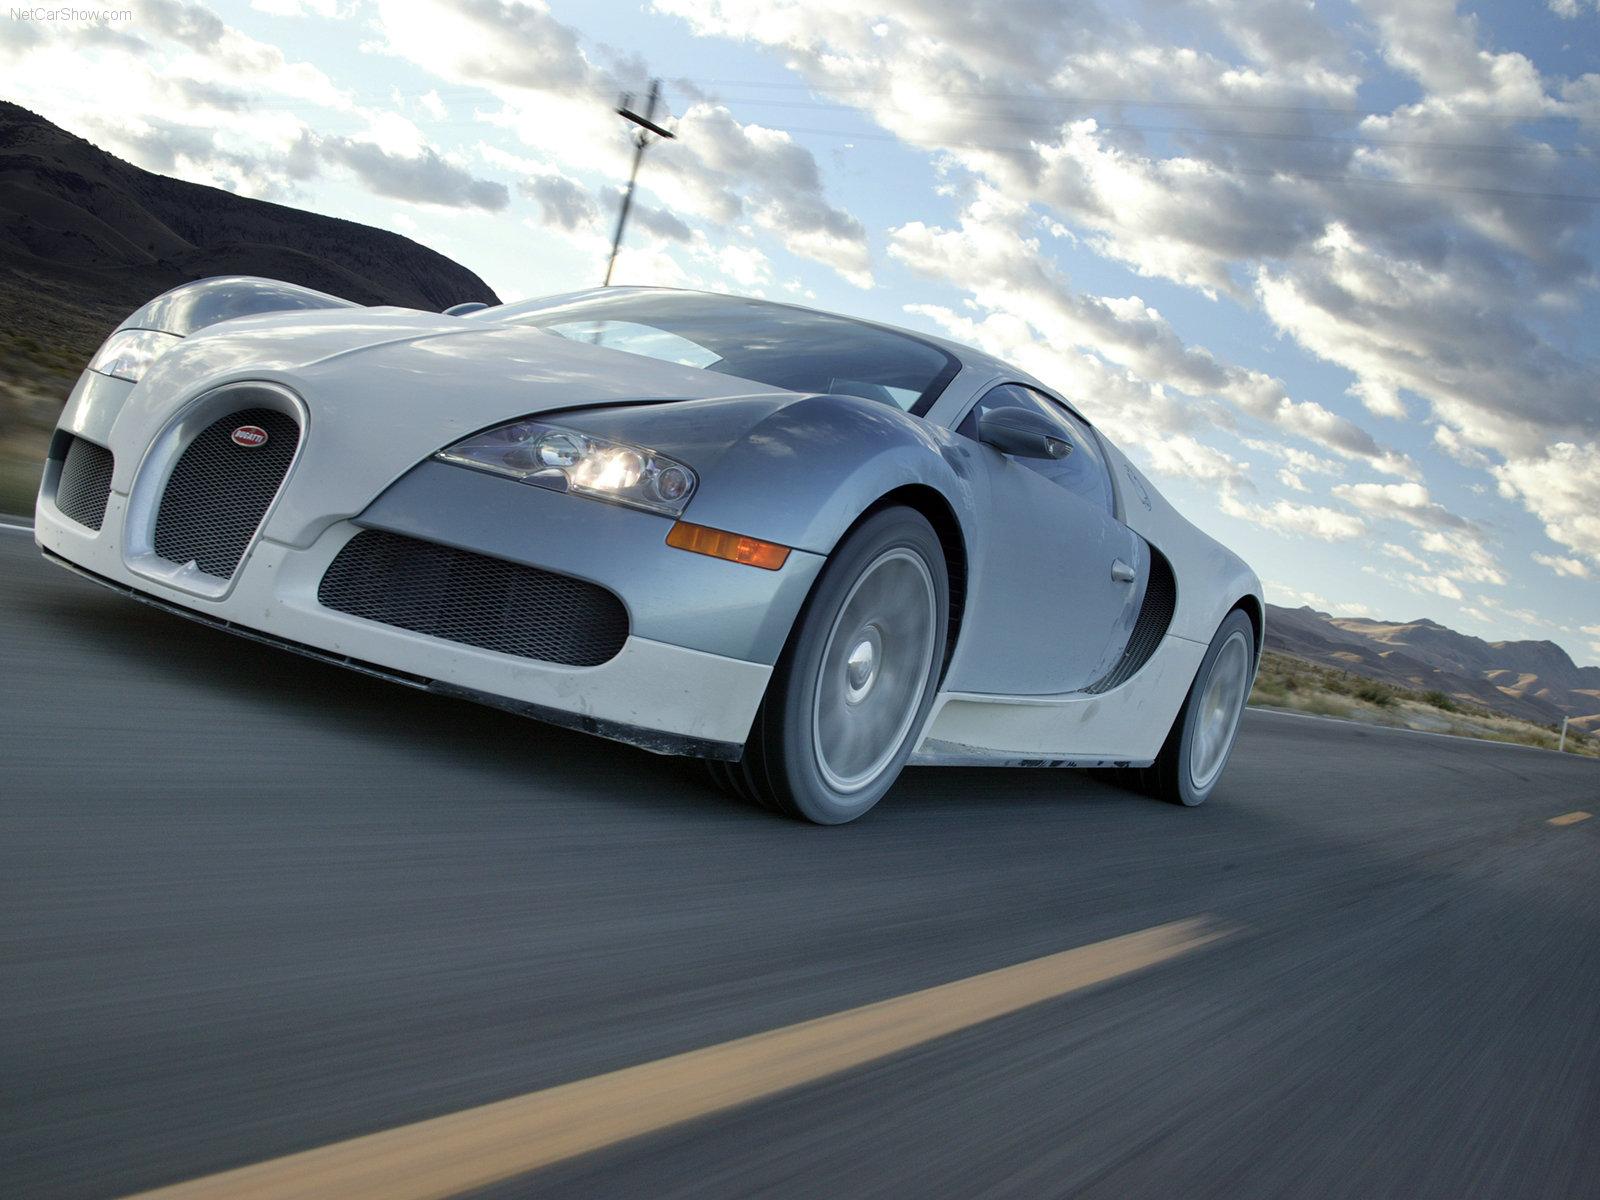 bugatti eb 16 4 veyron picture 32570 bugatti photo gallery. Black Bedroom Furniture Sets. Home Design Ideas